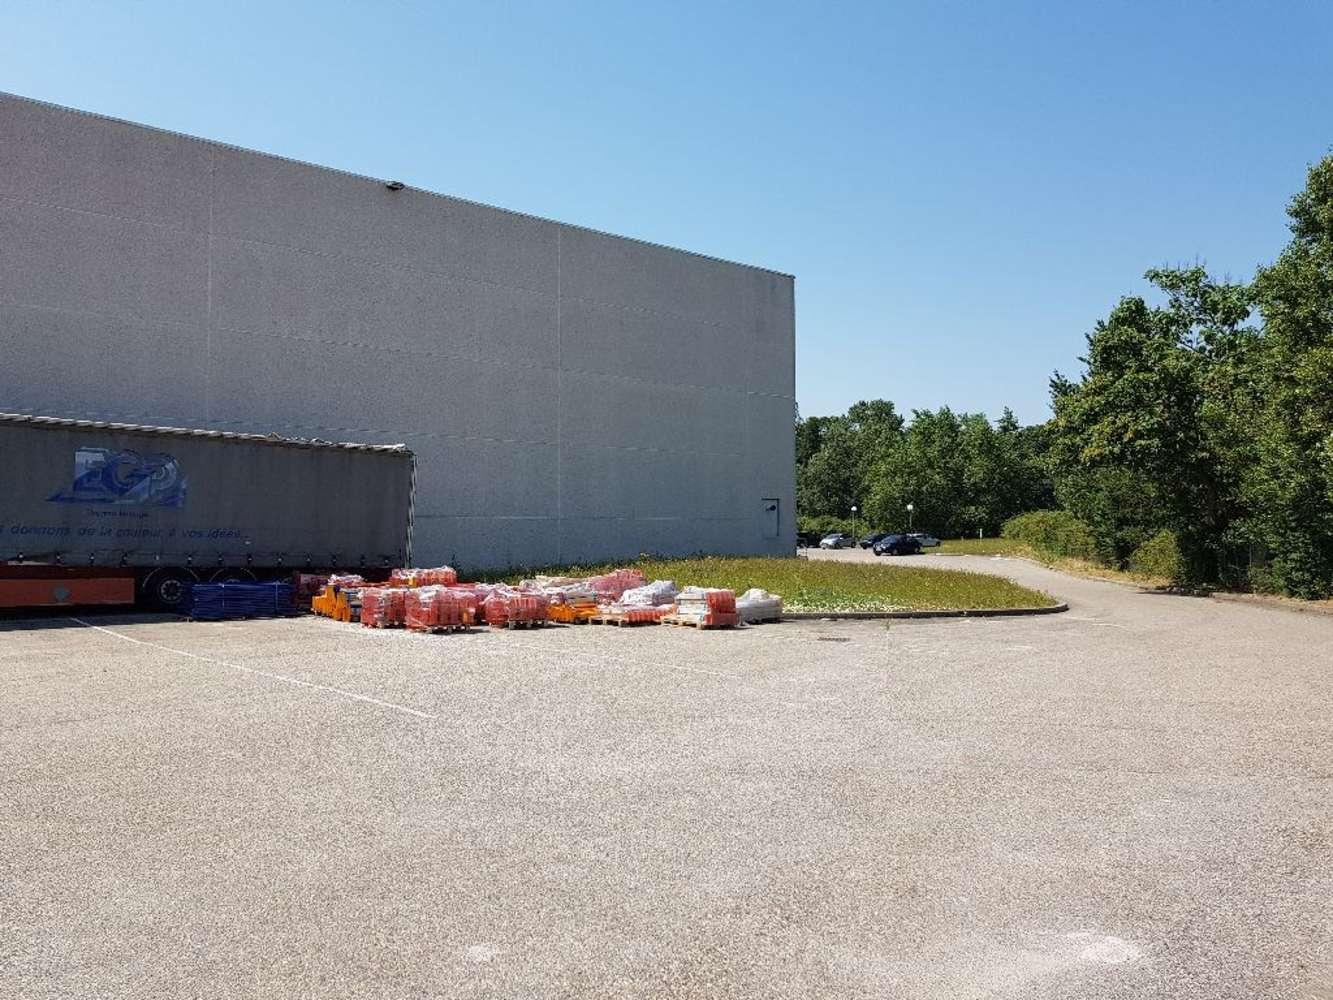 Plateformes logistiques La boisse, 01120 - LOCATION ENTREPOT LYON NORD - AIN - 10471399